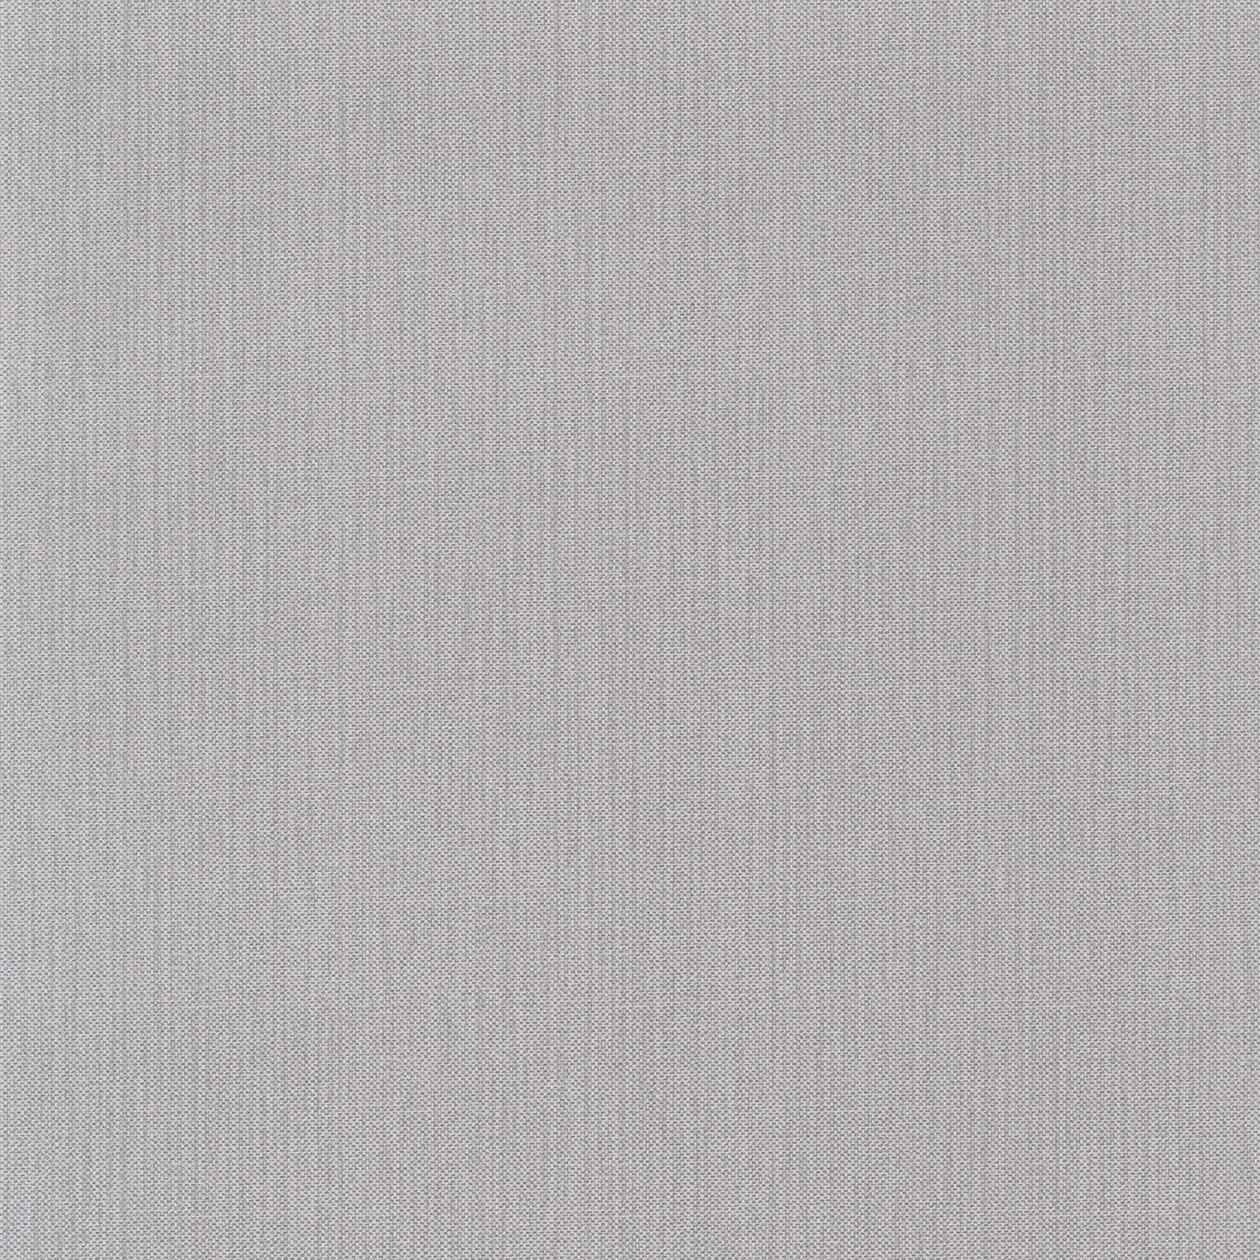 Обои Caselio Natte (53 см) 101569168